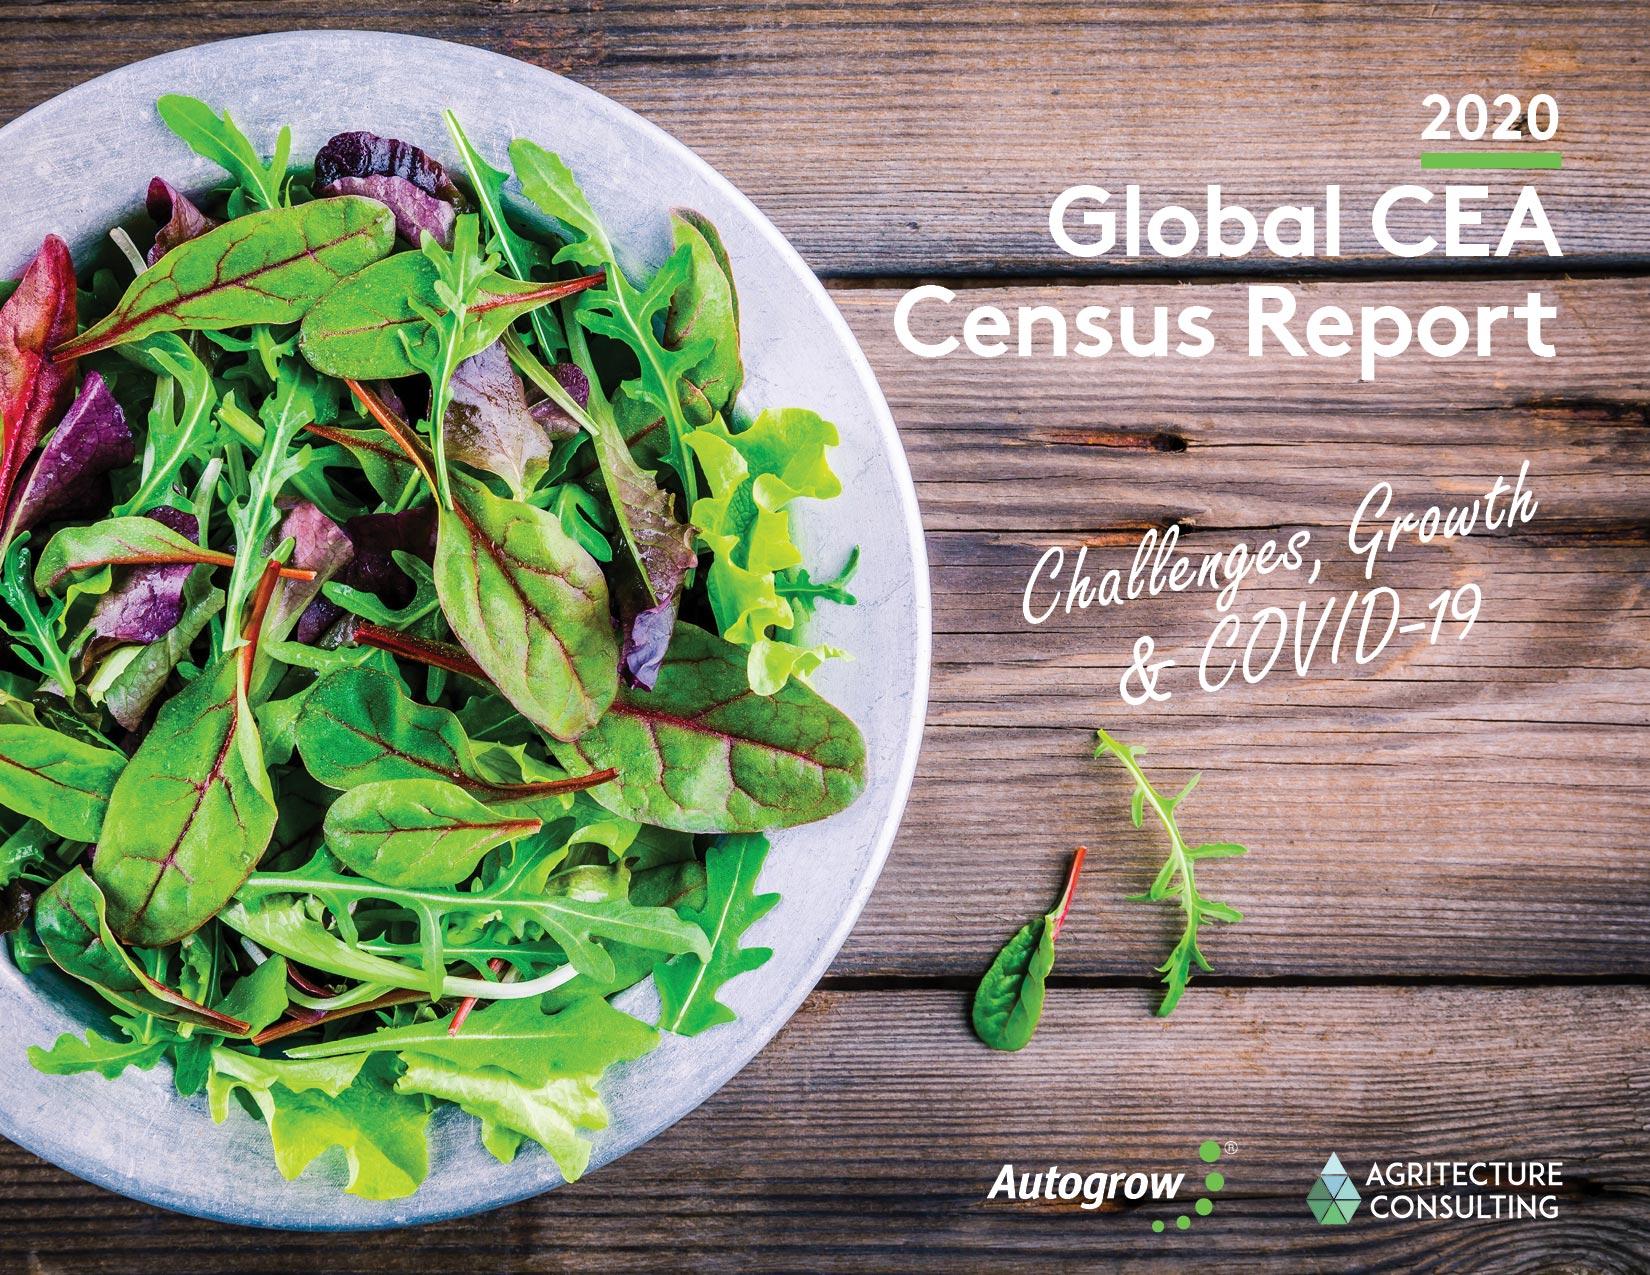 CEA-Census-Report-2020